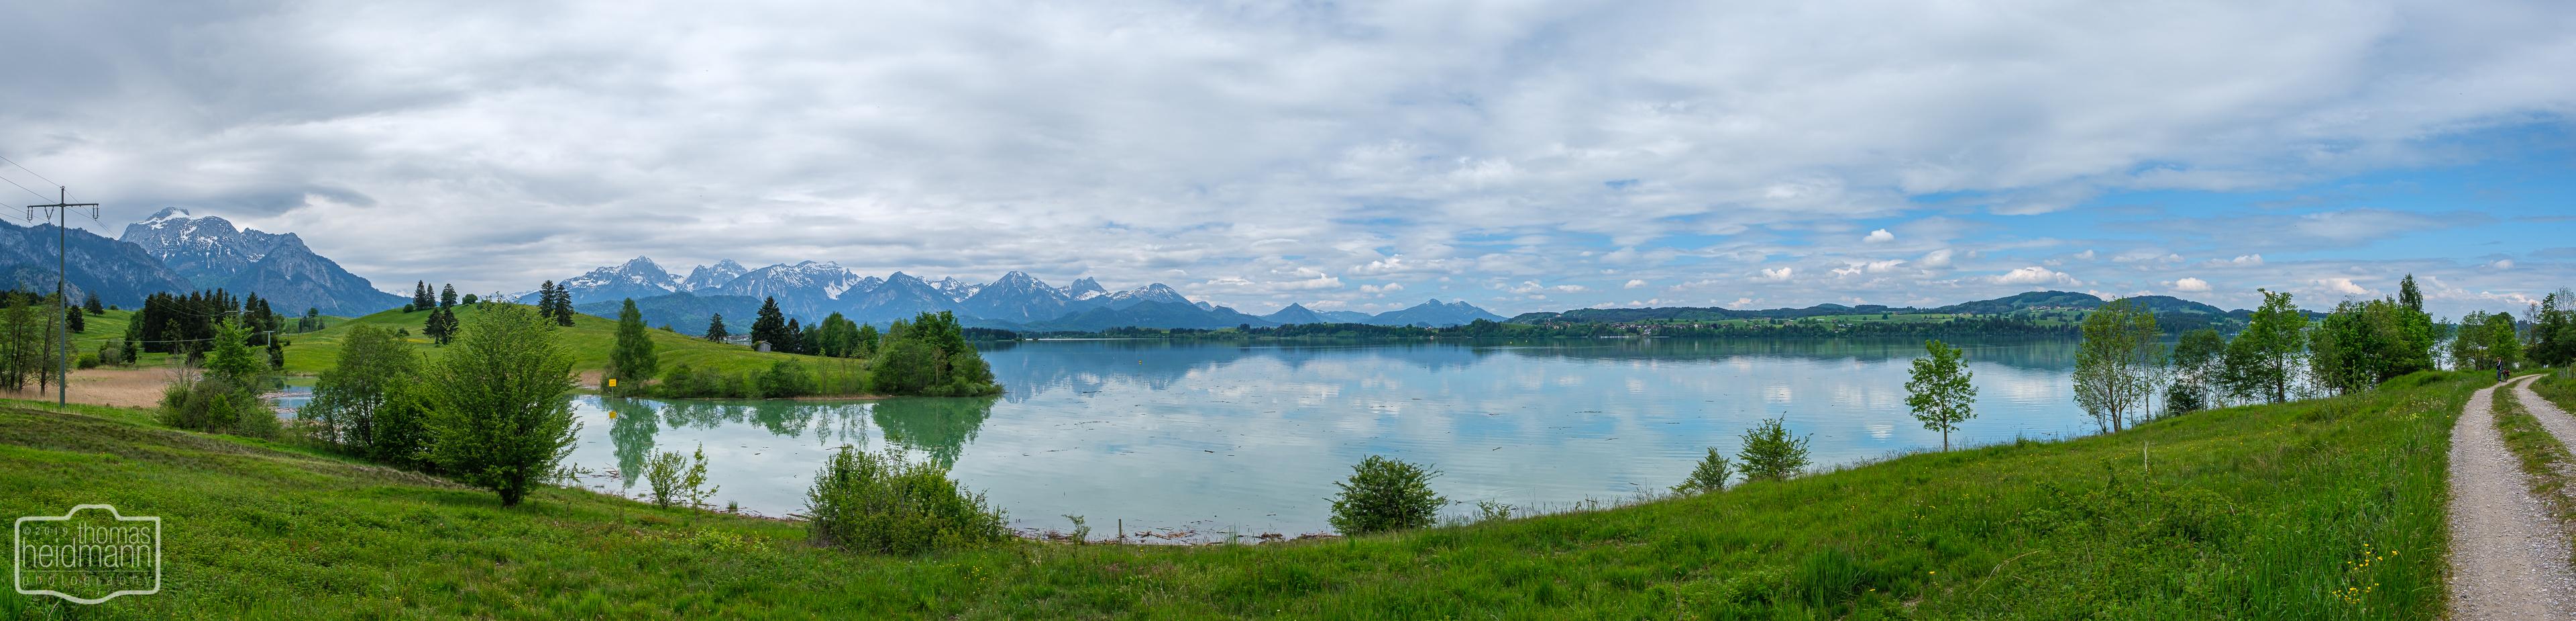 Radtour durchs Allgäu nach Füssen - Allgäuer Alpenpanorama